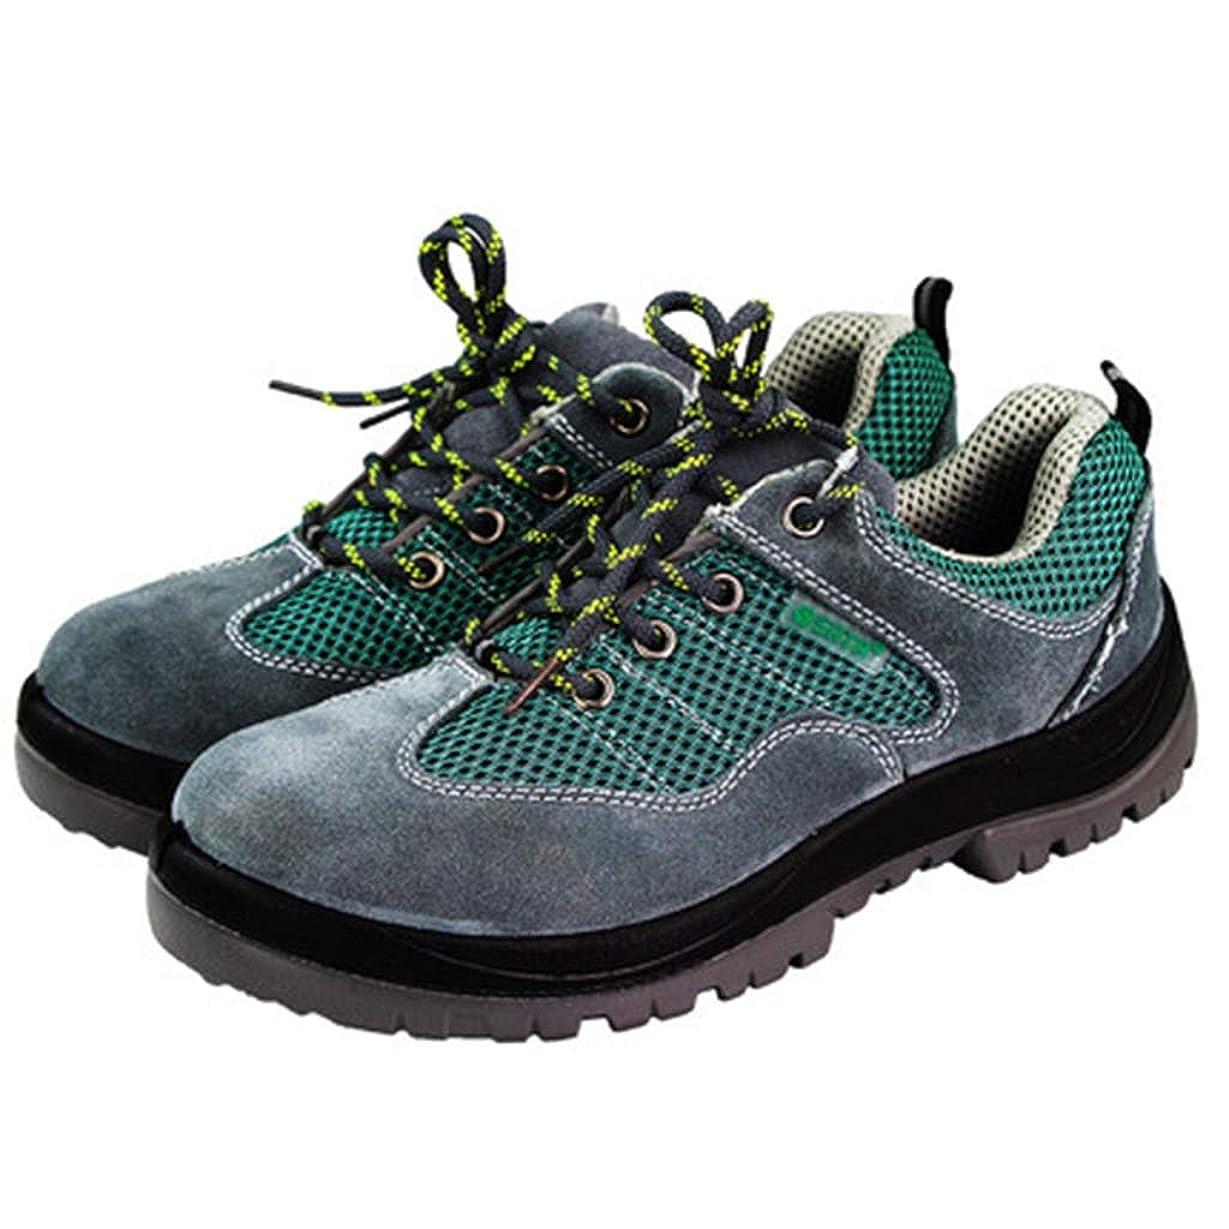 ニュース債権者反発する安全靴 安全靴、男性用、通気性、消臭性、軽量、アンチスマッシュ、アンチピアス、産業用作業用安全靴 安全靴 スニーカー (Size : 40)